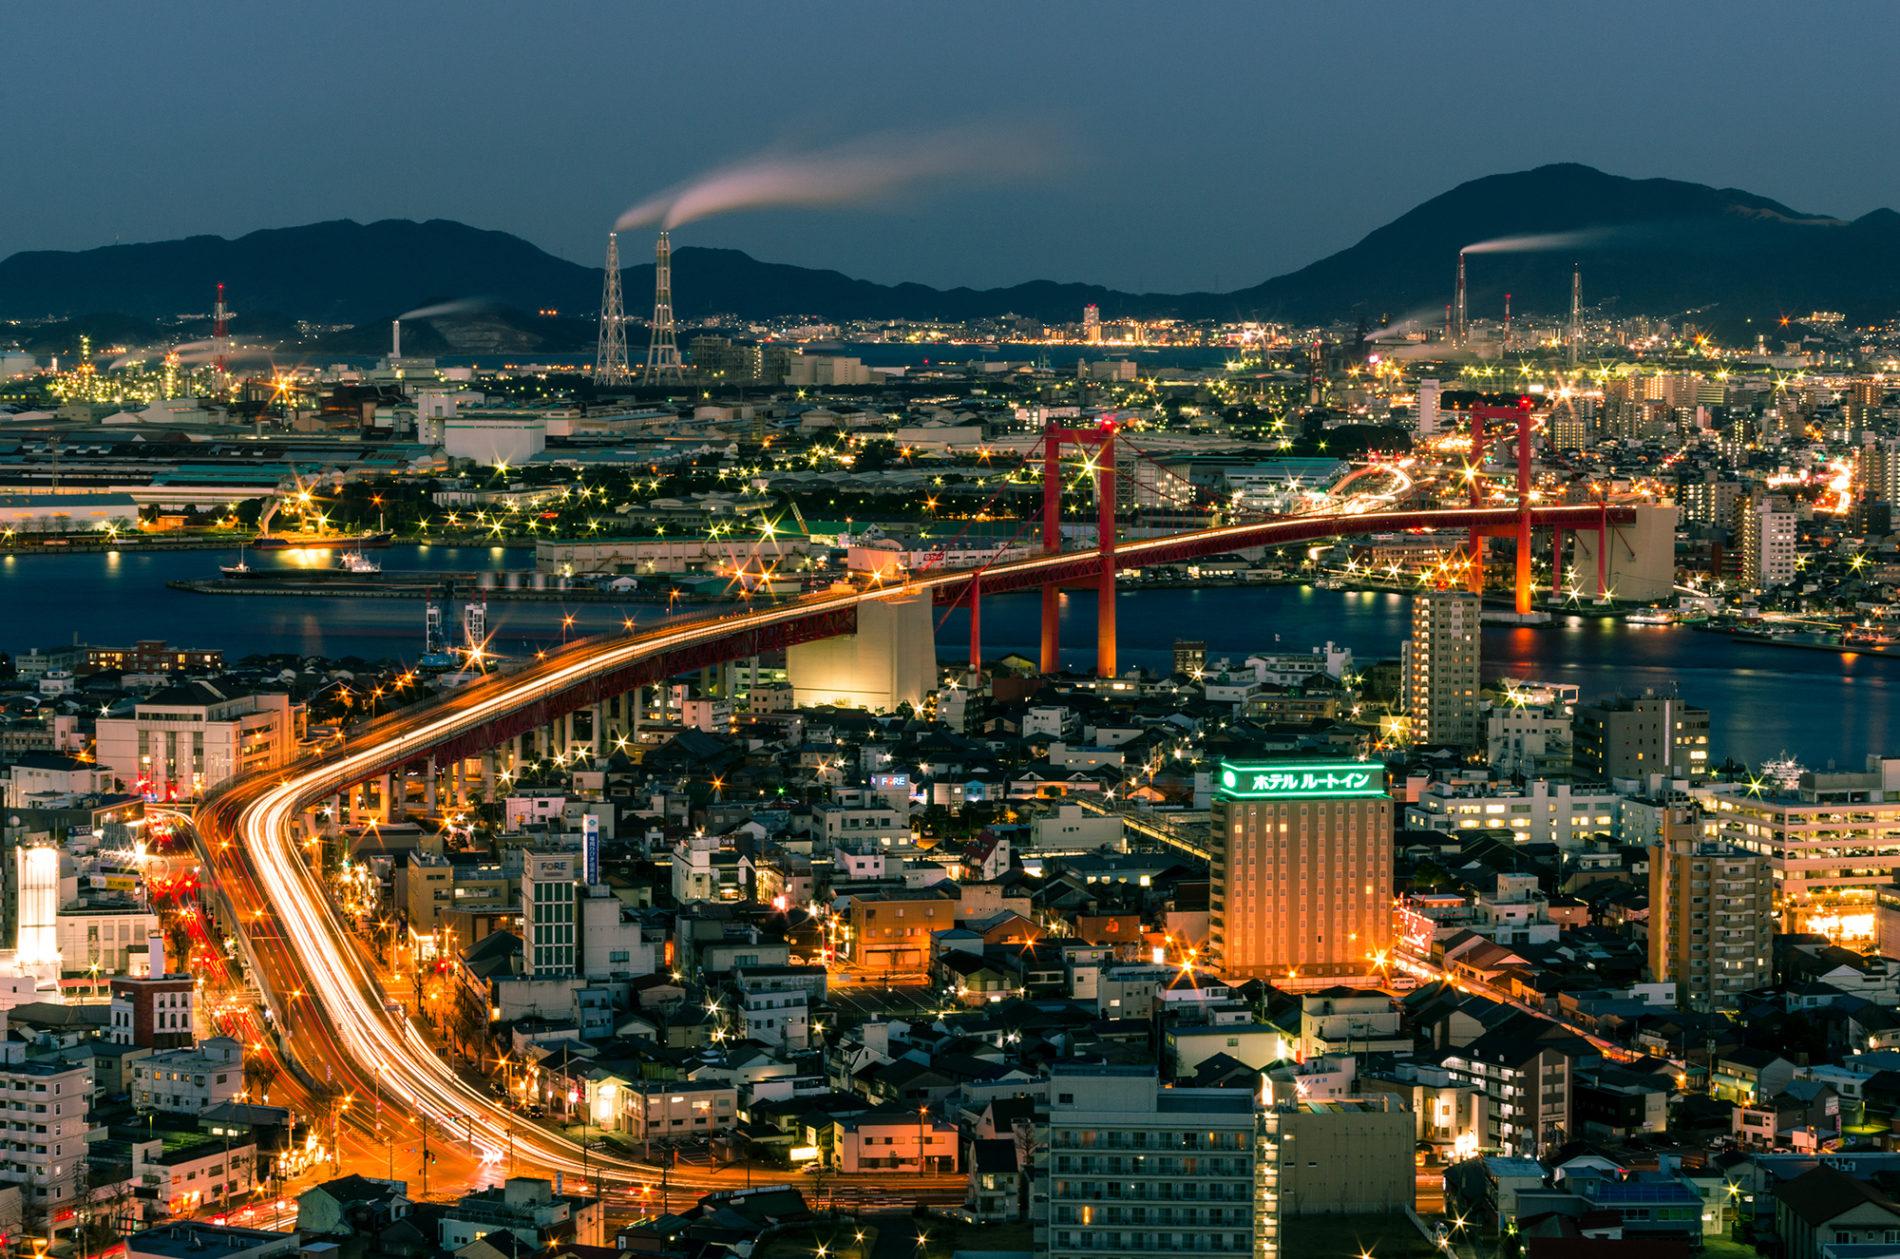 福岡県北九州市若戸大橋あたりの夜景